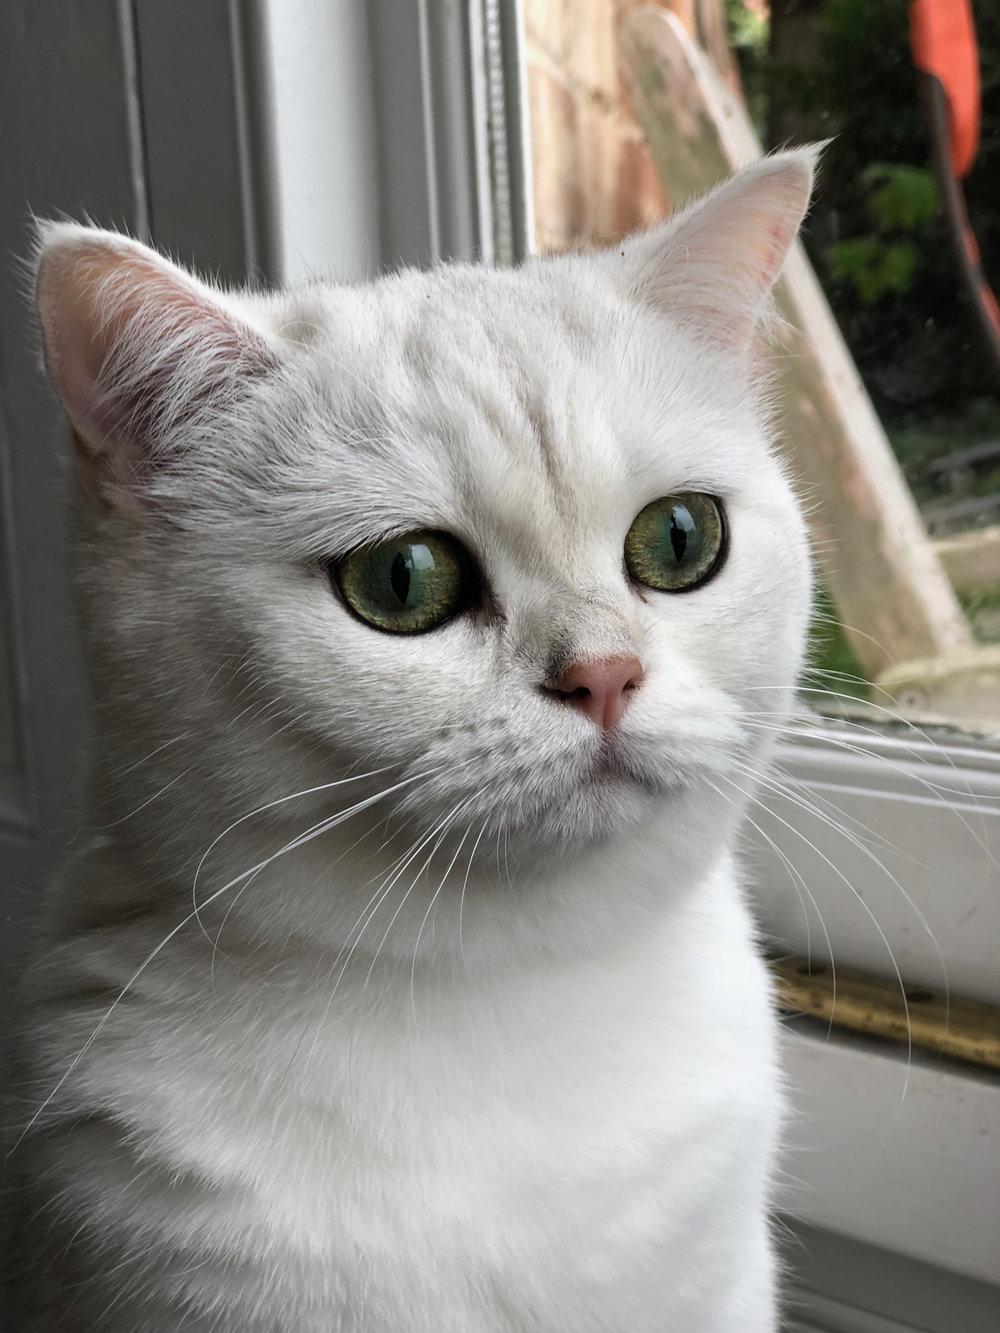 catblur1.jpg